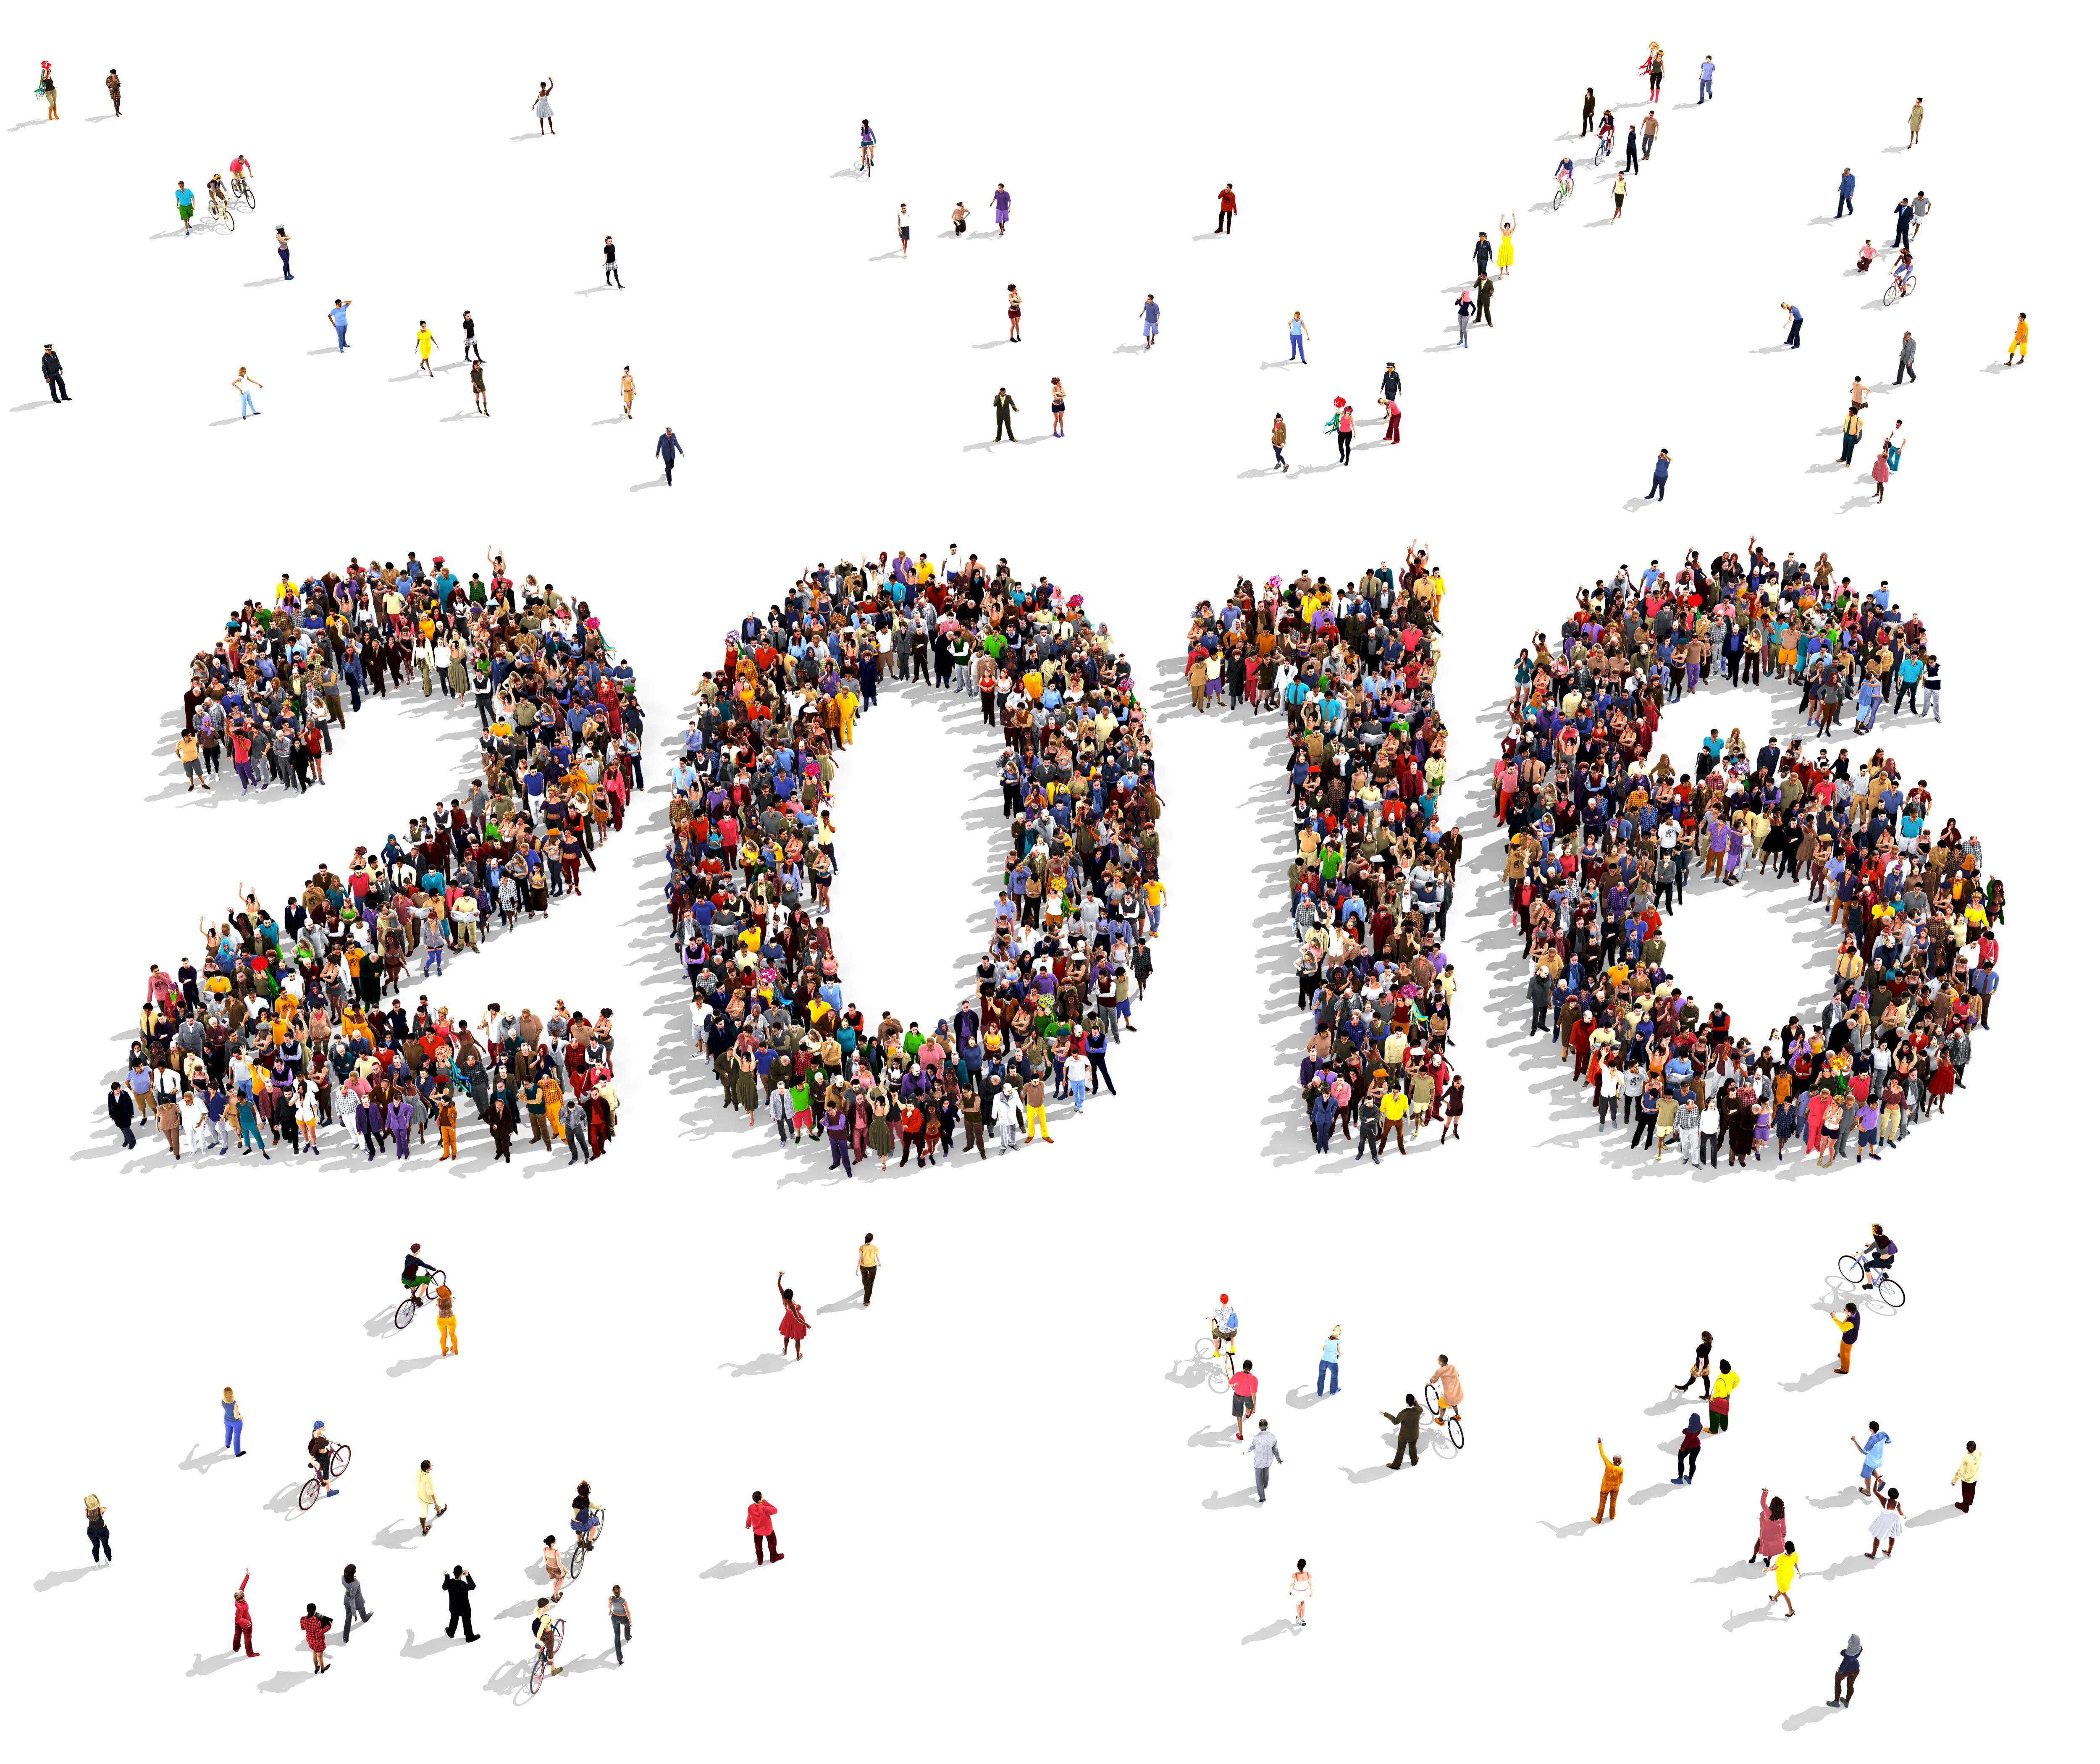 Nouvel an 2016 4k ultra hd fond d 39 cran and arri re plan for Fond ecran hd 2016